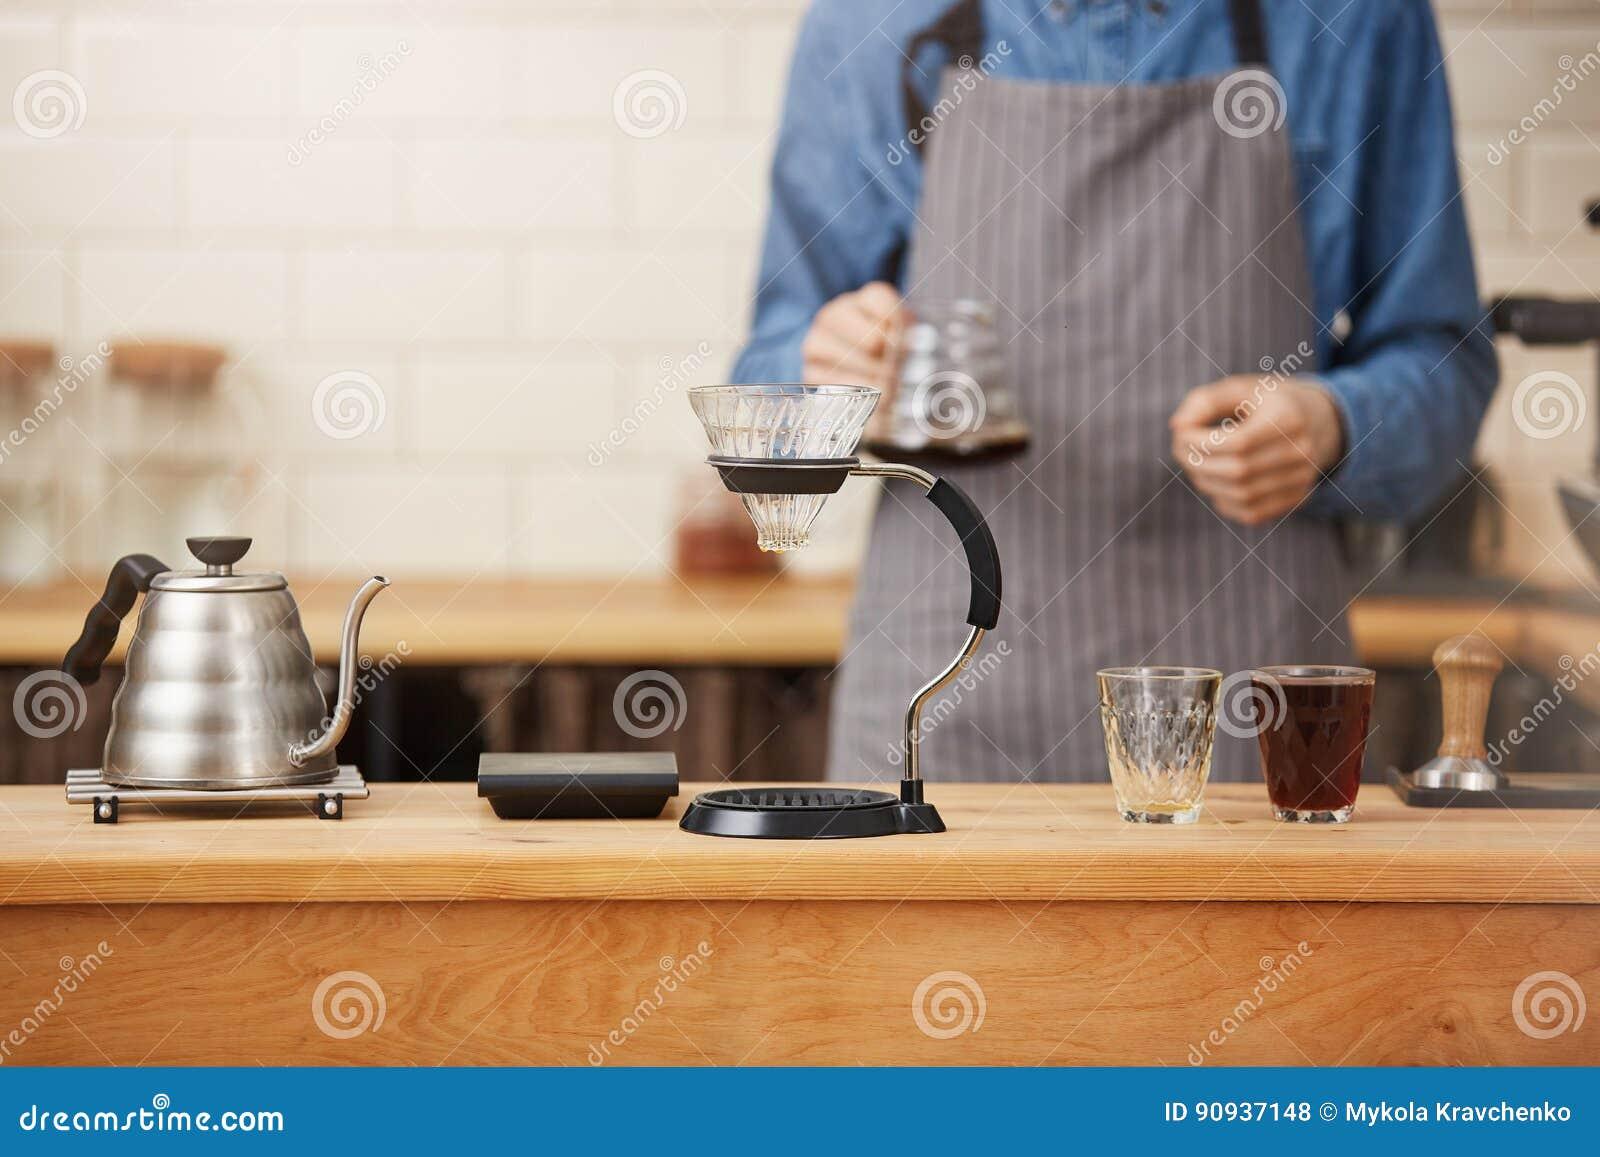 Klaar Coffes s Barista voorbereide koffie met handdruppelbrouwer